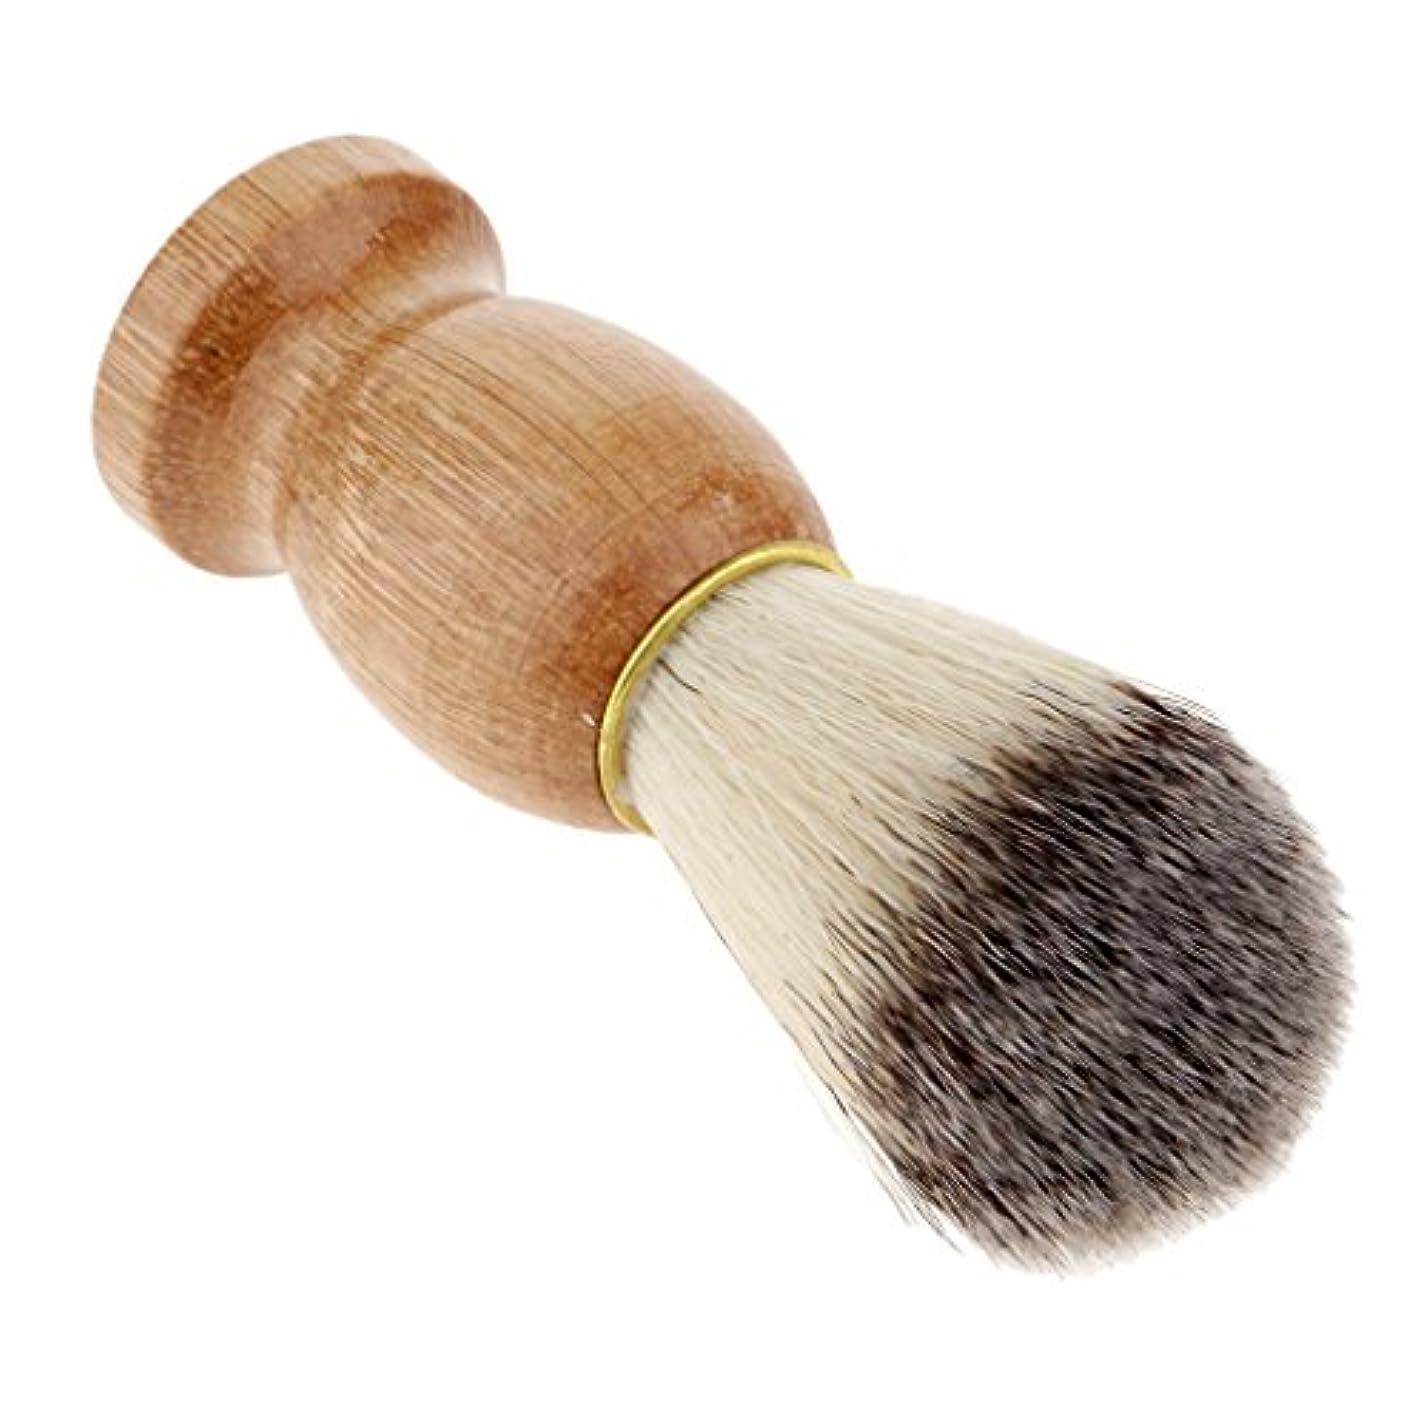 血統ビジター表現人毛ひげの切断の塵の浄化のための木製のハンドルの剛毛の剃るブラシ